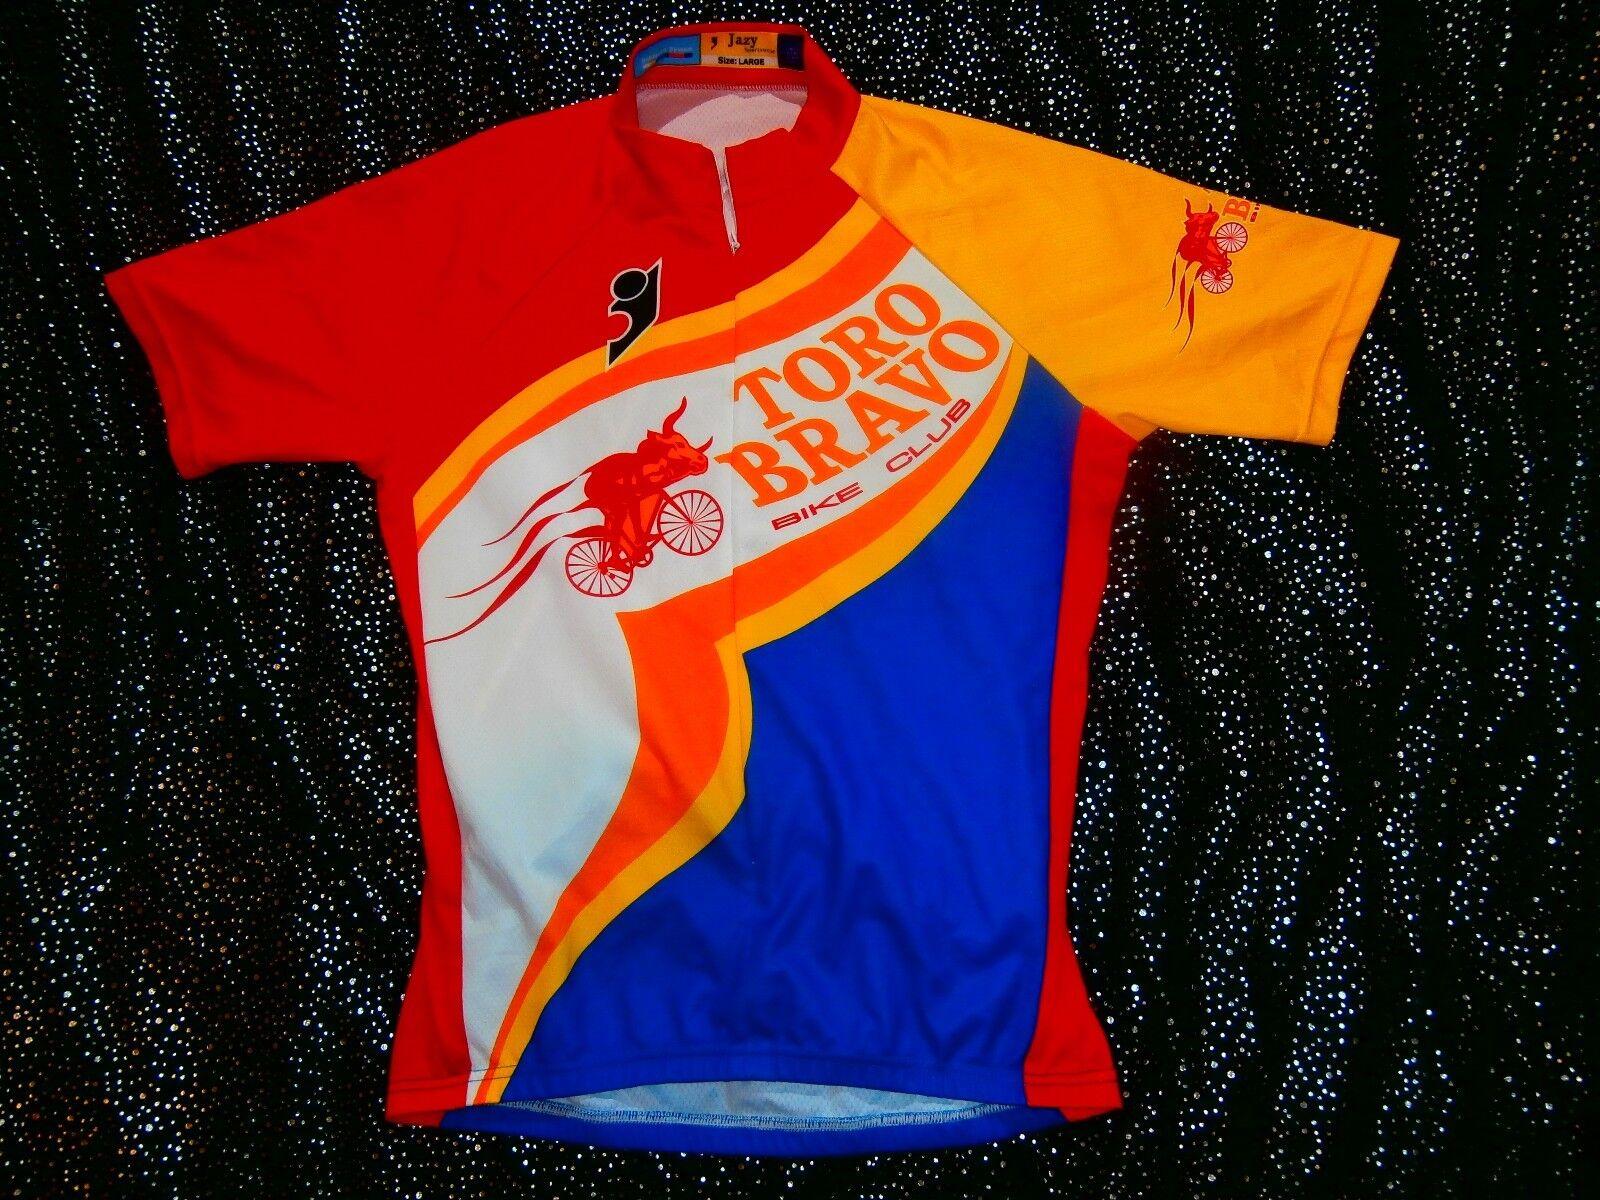 Toro BRAVO Team Bike Cycling cycle jersey FLURO NEON PRO TOUR donna Mens Sz L